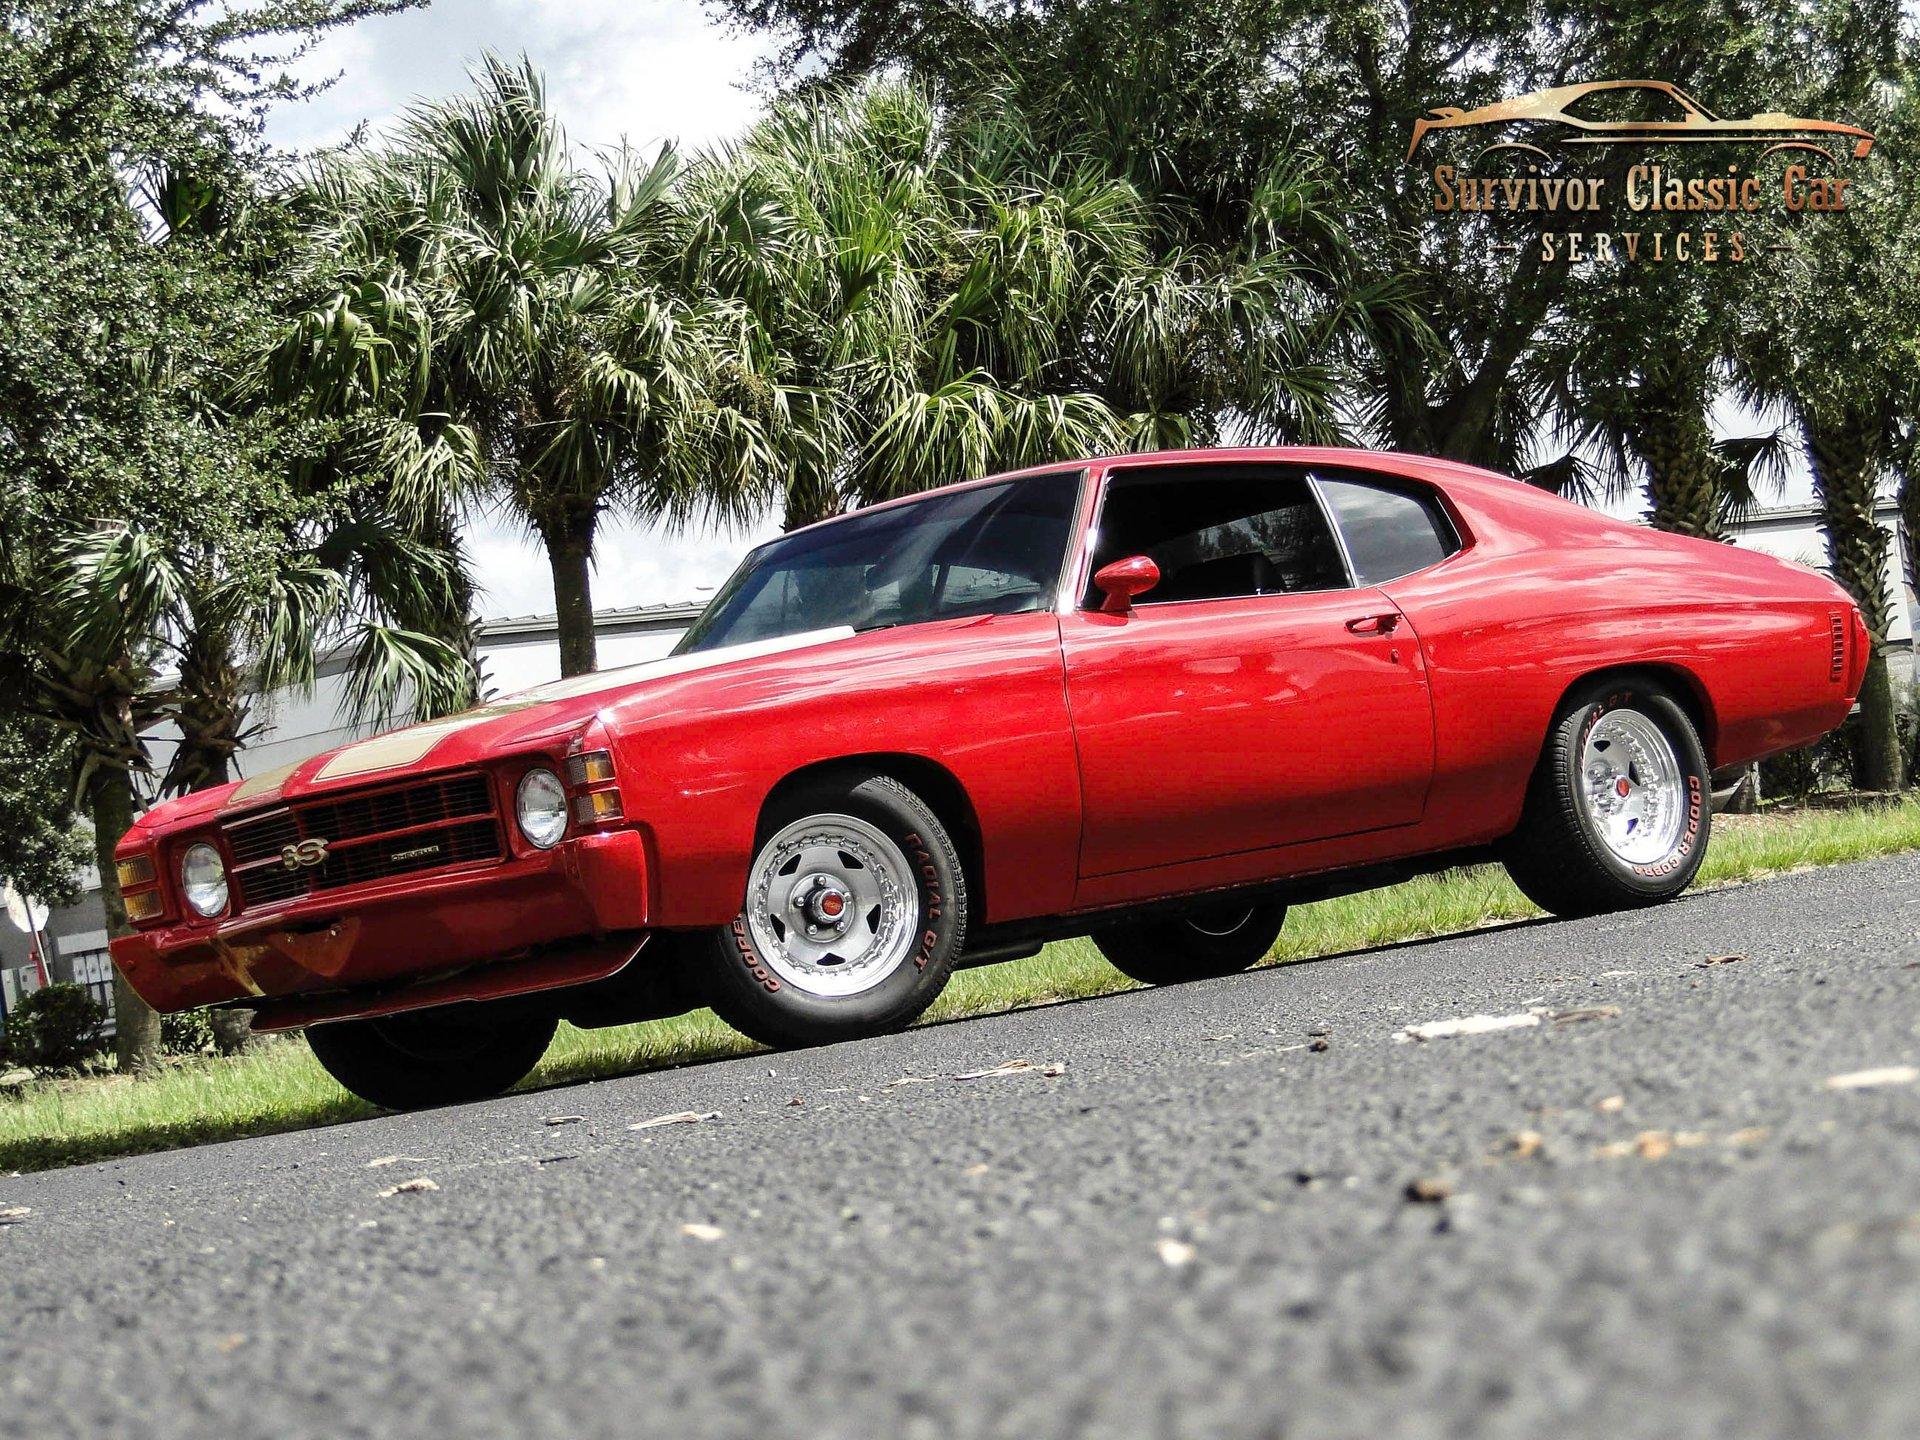 1971 Chevrolet Chevelle Survivor Classic Cars Services